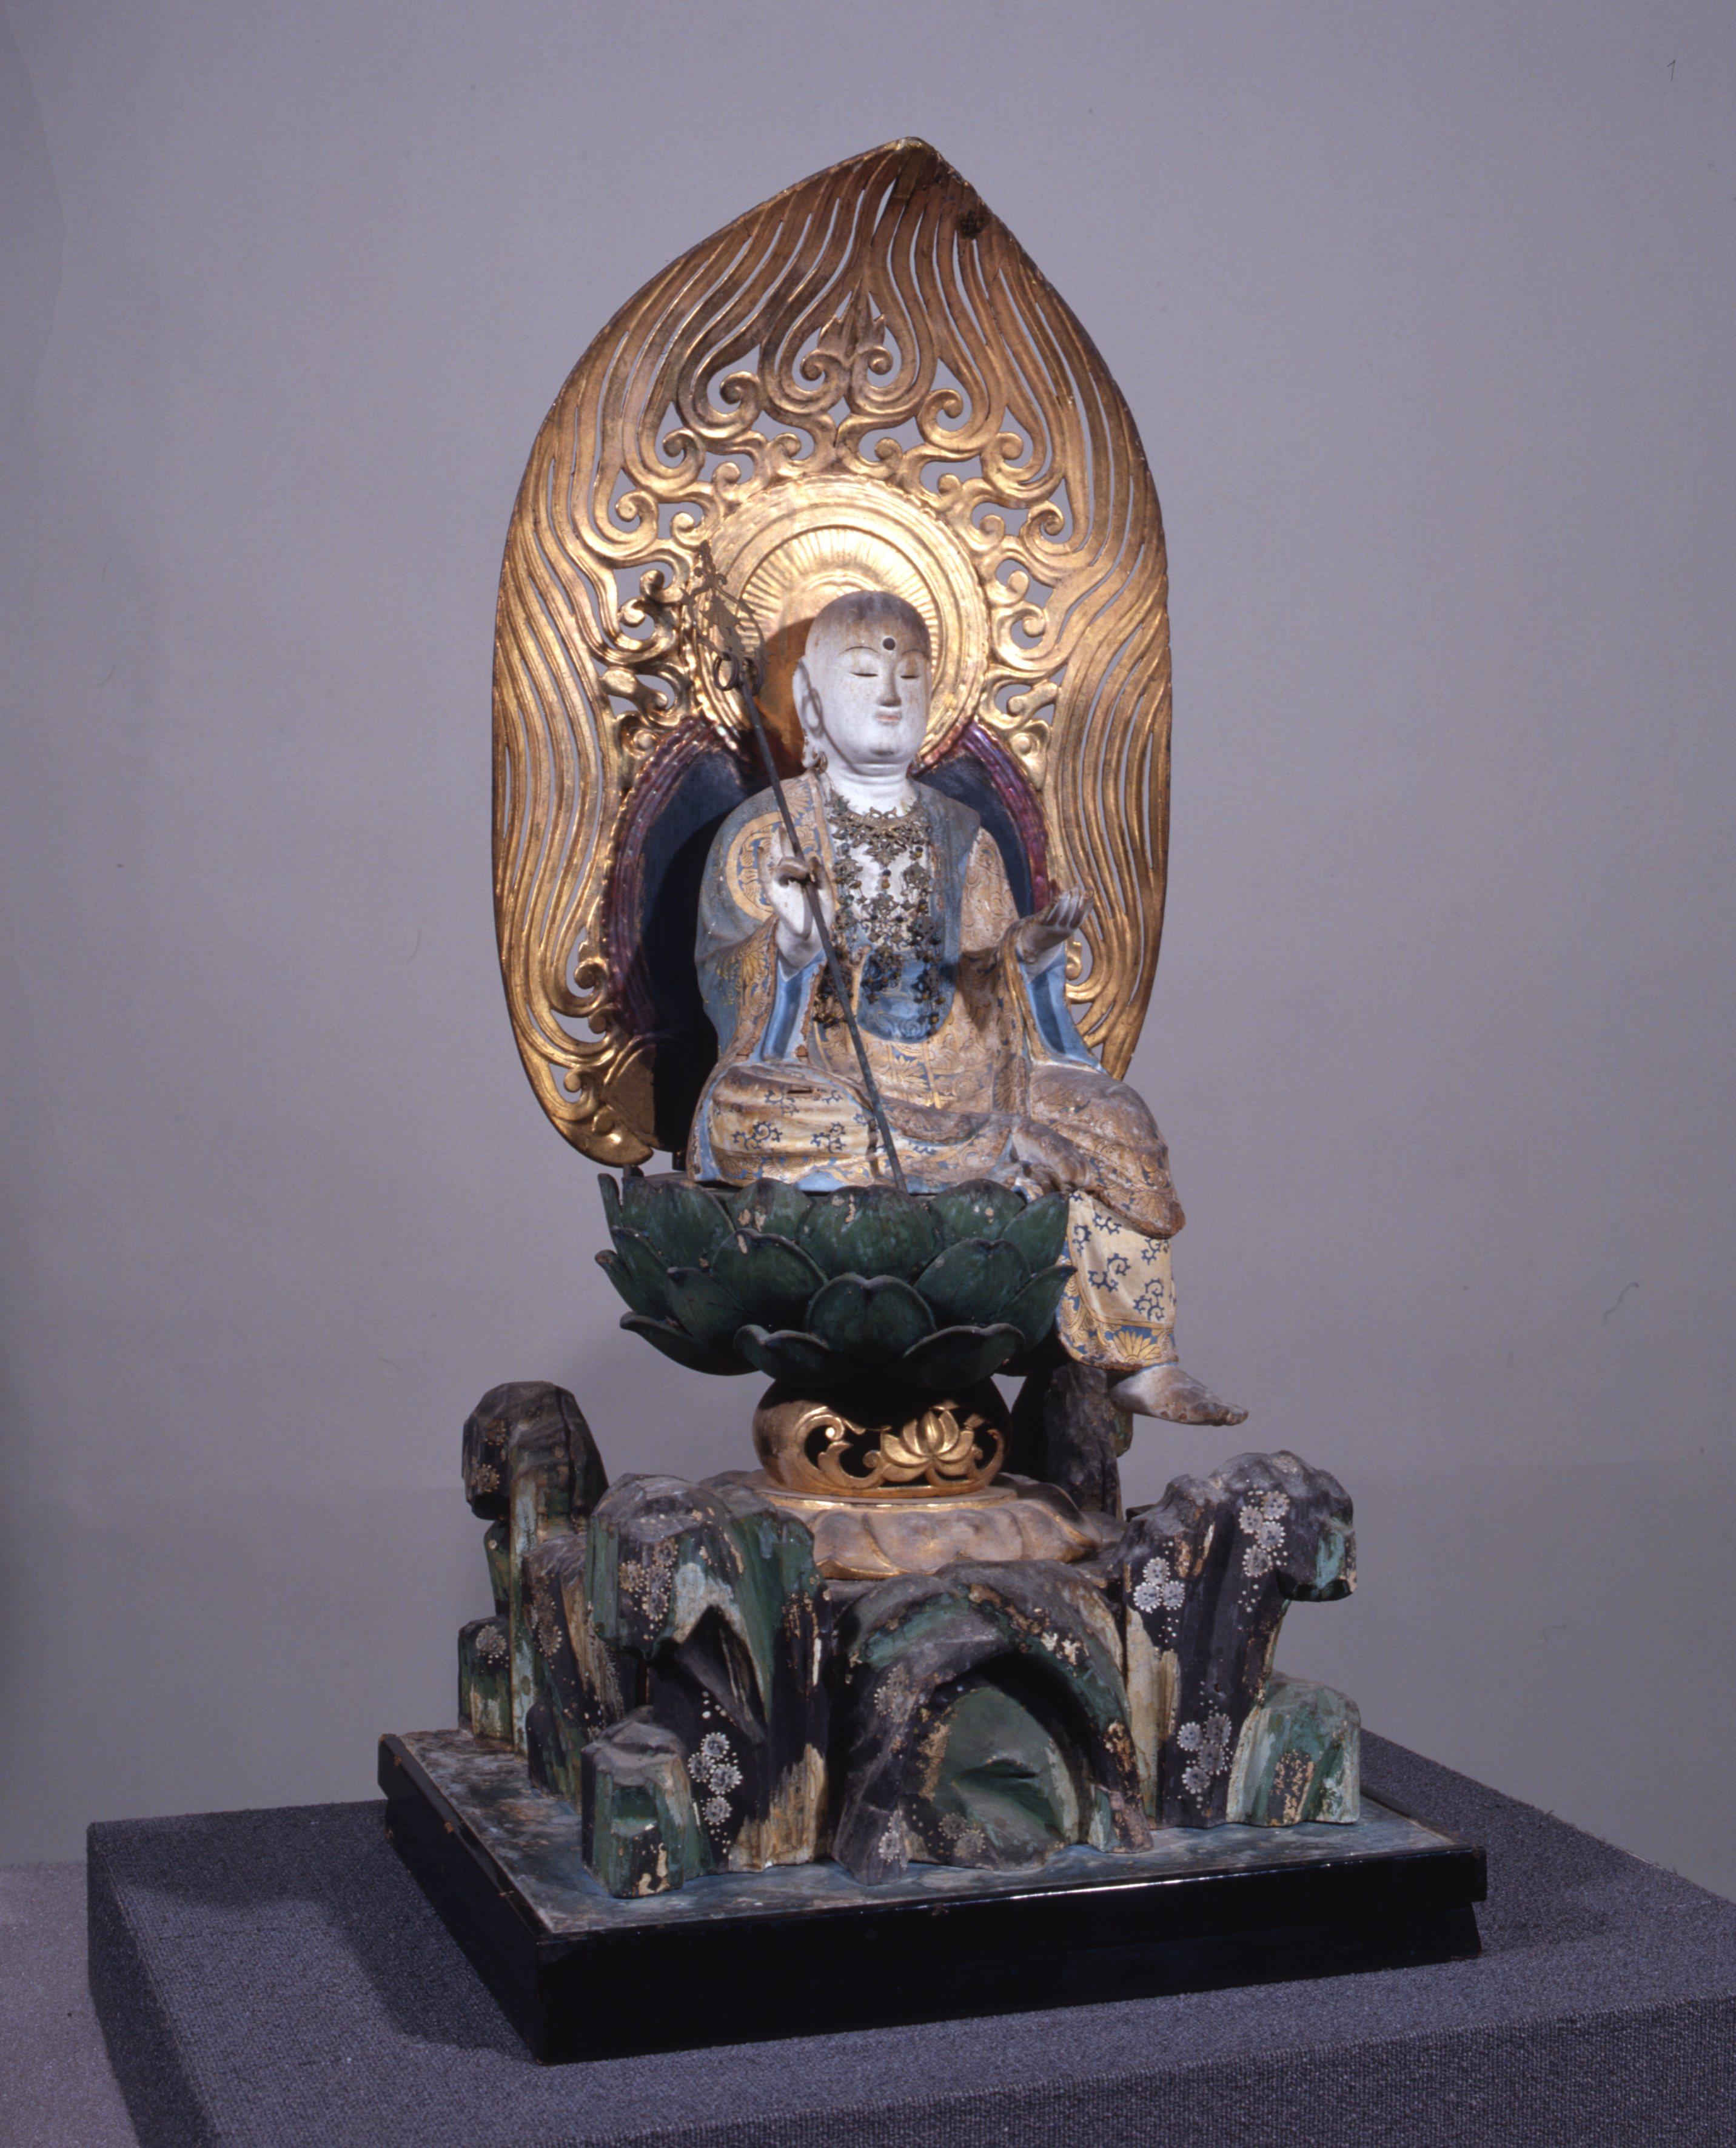 地蔵菩薩半跏像(小浜市・上根来区所蔵)